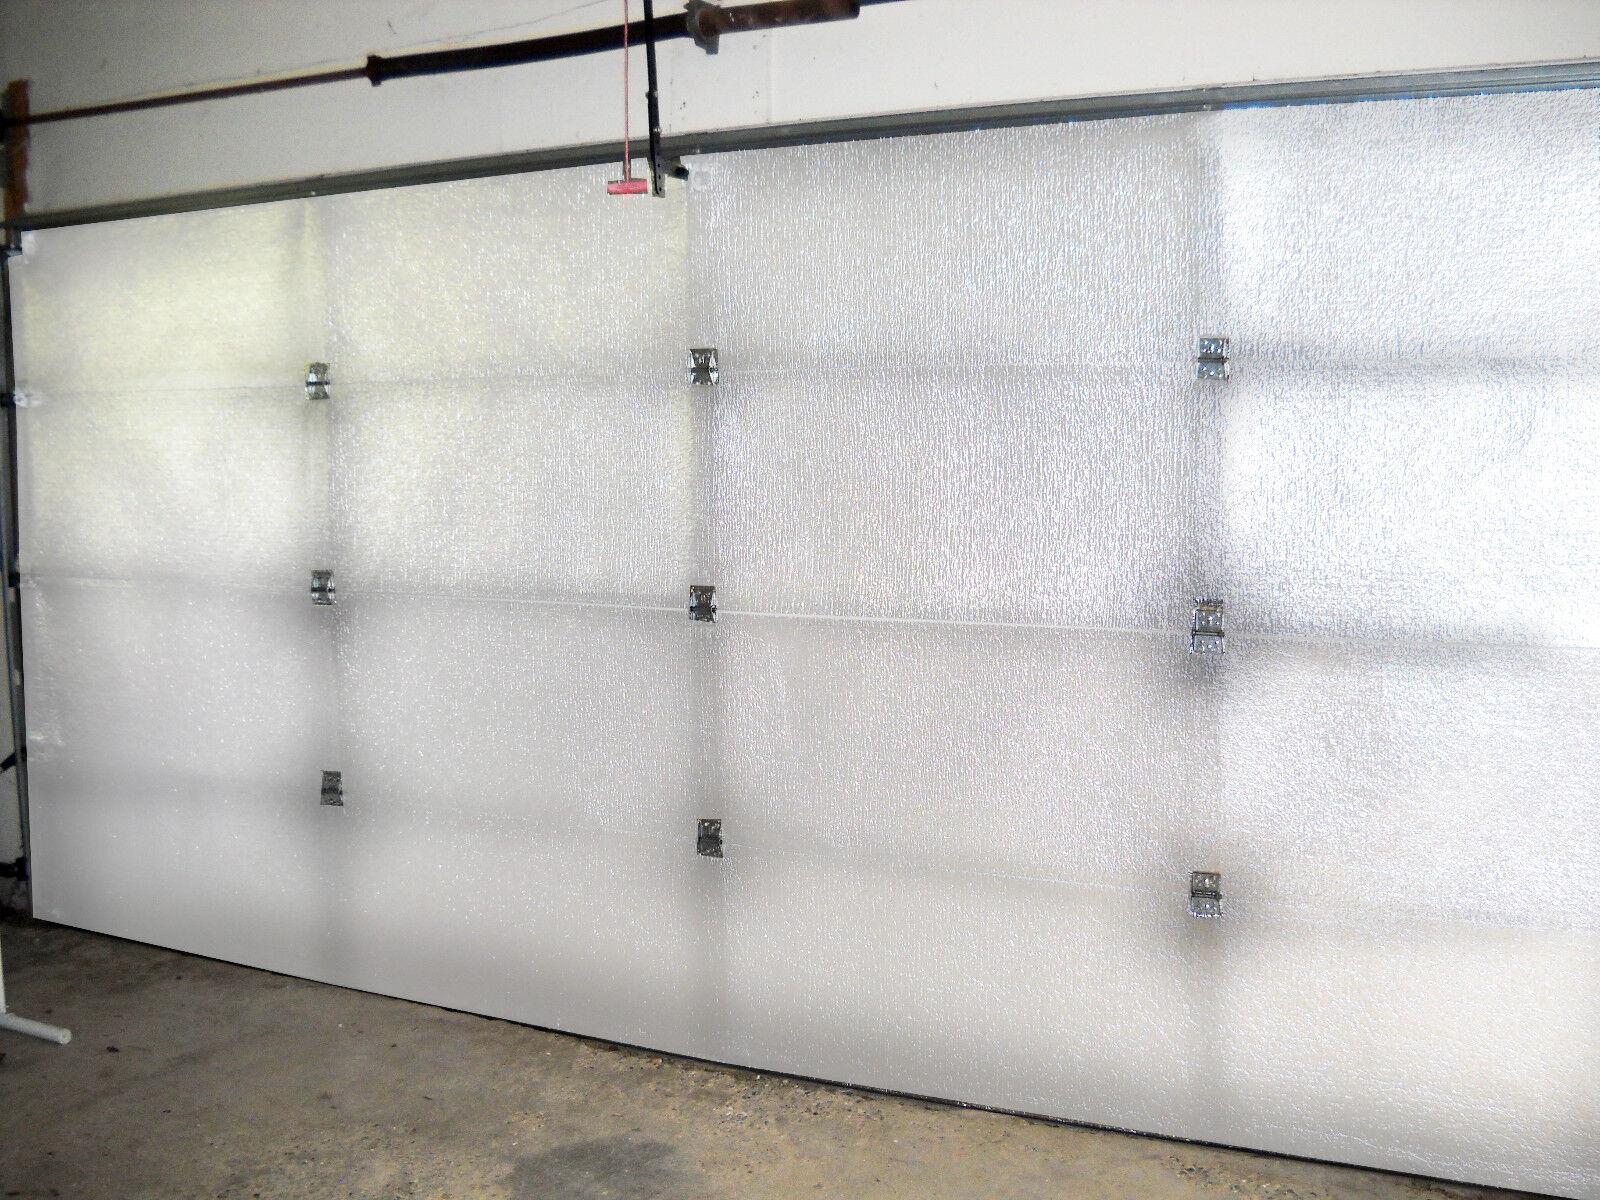 NASATECH 2 Car 5 Panel Double Garage Door Insulation Kit (16x8 18x8) (180sqft)